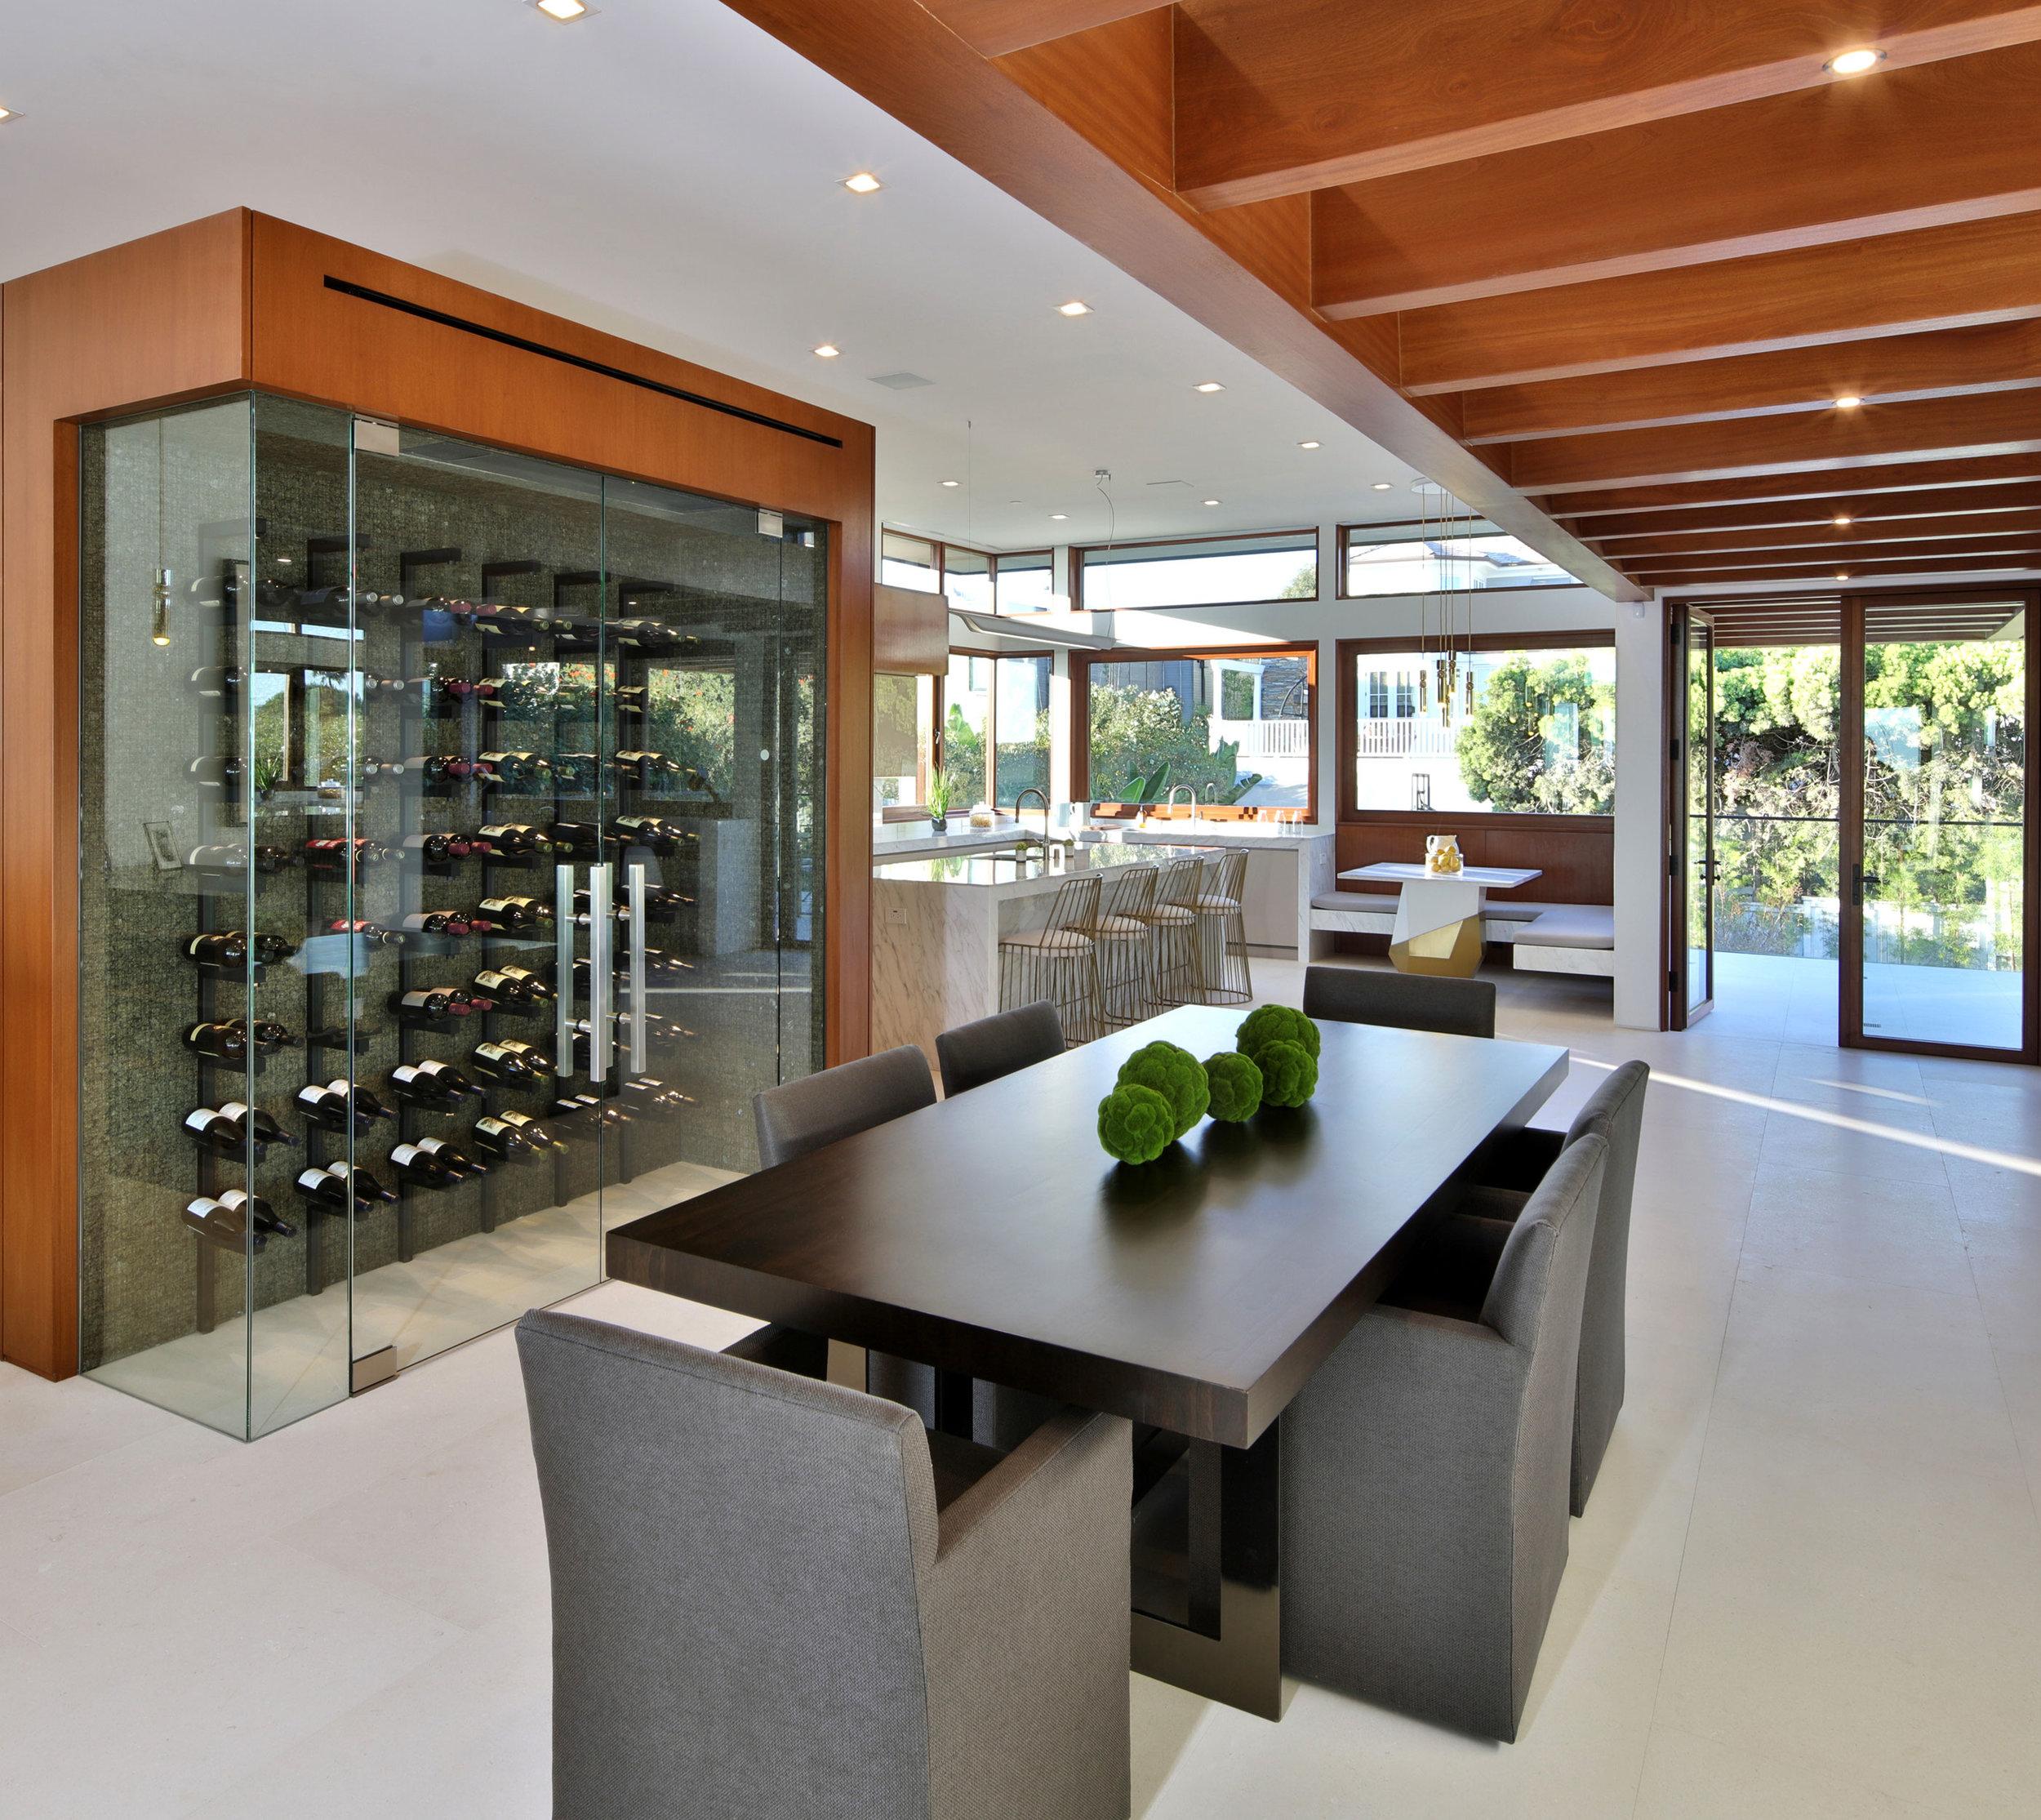 11-ManhattanBeach-open-concept-modern-dining-winerack-silicon-bay.jpg